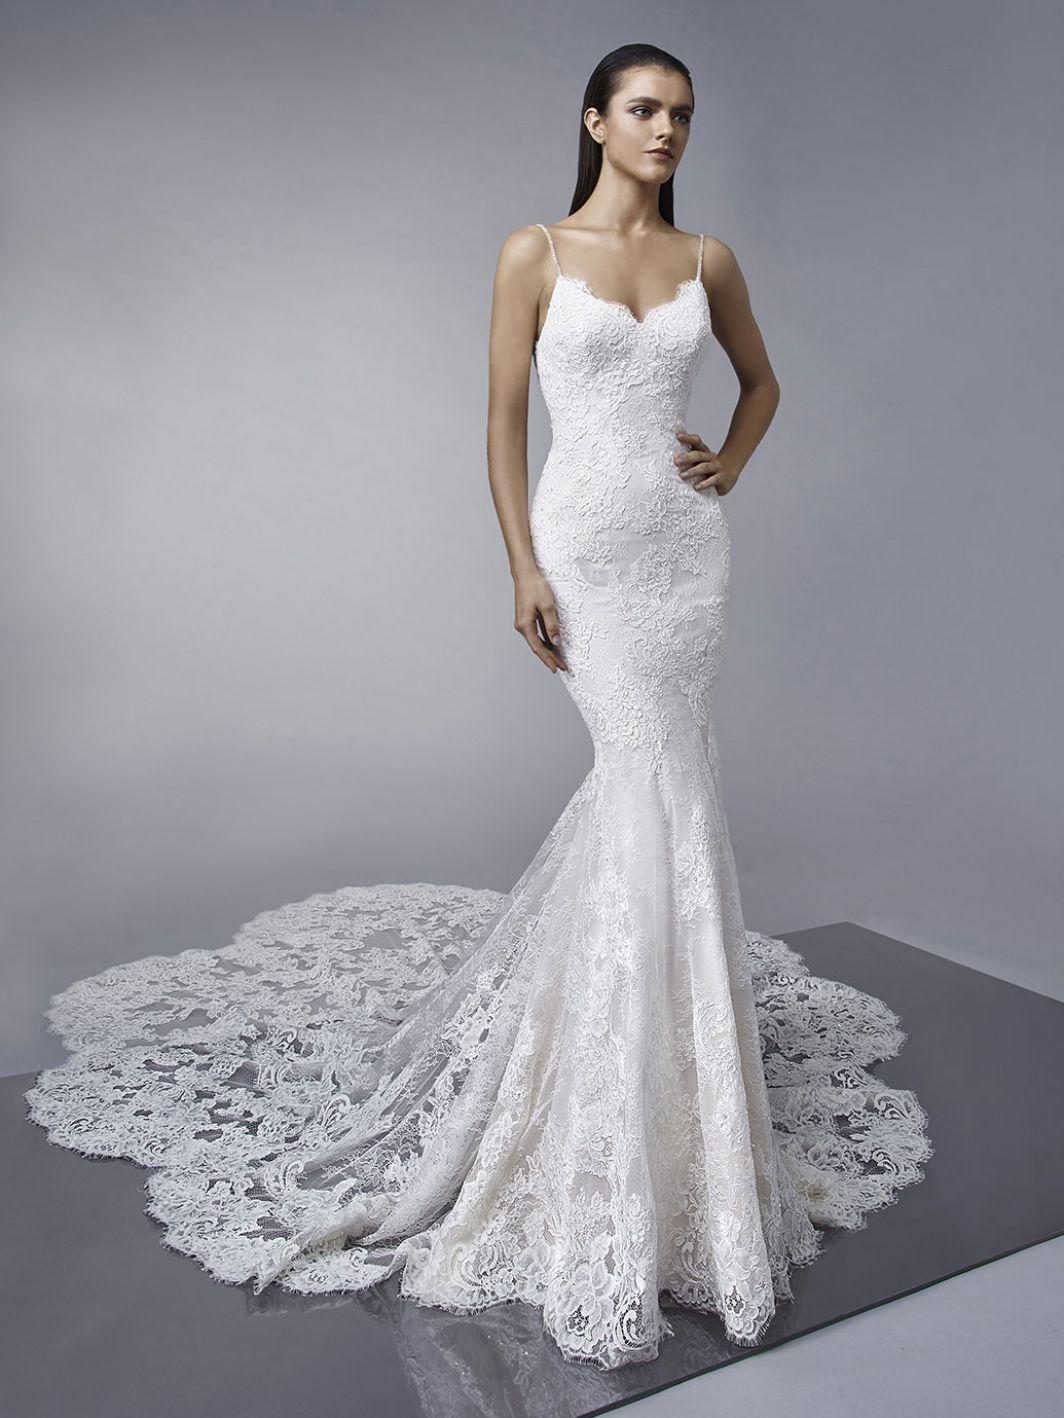 b0618863e56 Enzoani Wedding Dress Online